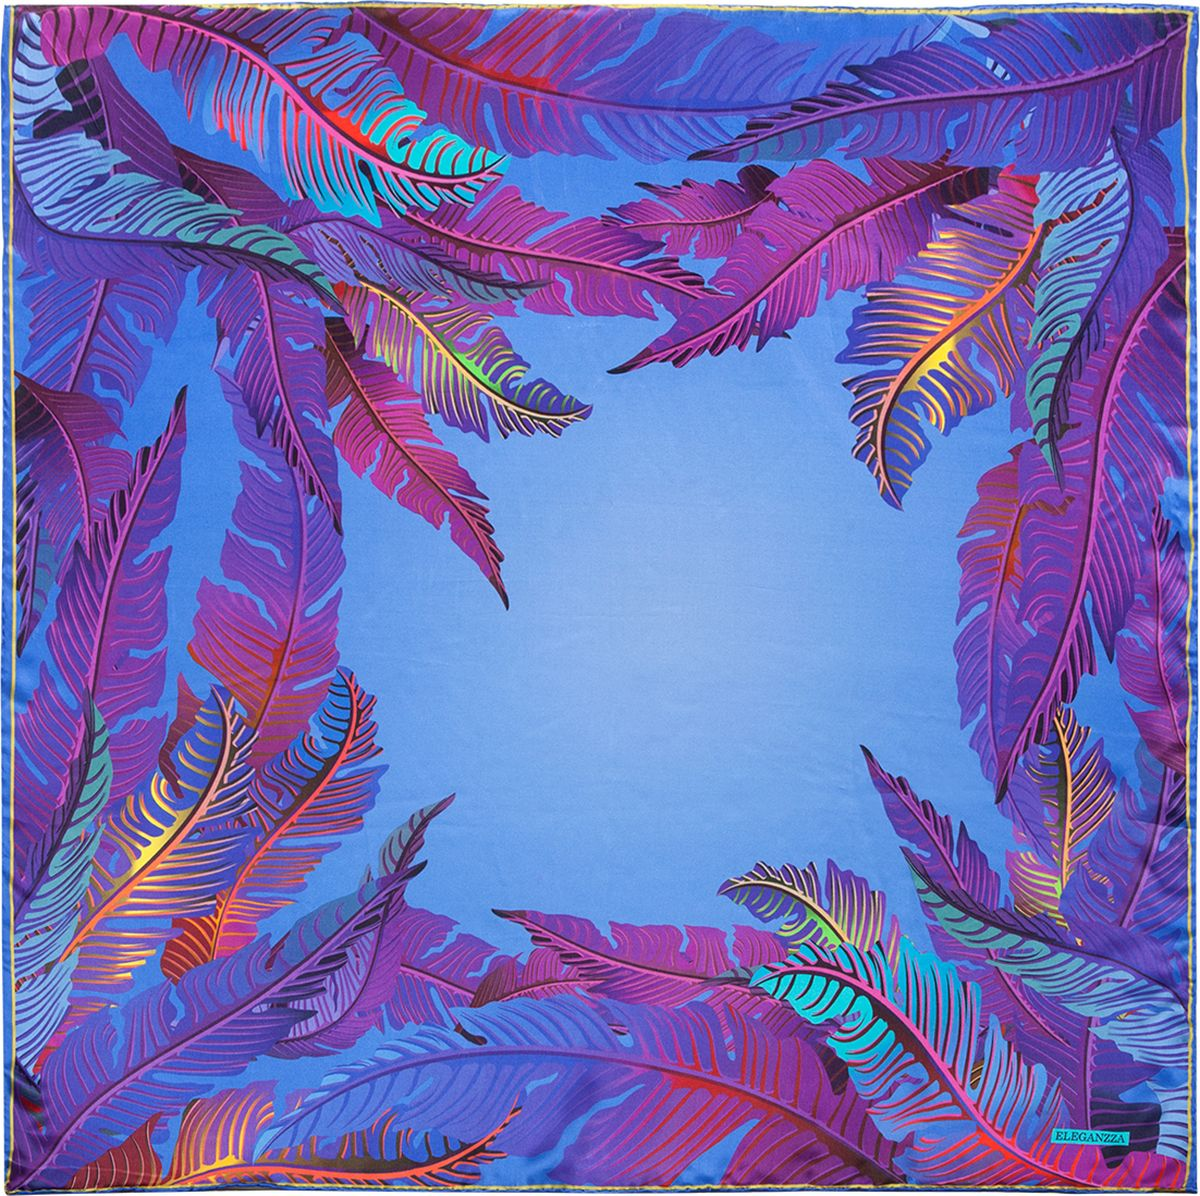 Платок женский Eleganzza, цвет: фиолетовый. KA03-8130. Размер 90 см х 90 смKA03-8130Платок Eleganzza, выполненный из шелка, идеально дополнит образ современной женщины. Модель оформлена принтом. Классическая квадратная форма позволяет носить платок на шее, украшать им прическу или декорировать сумочку. С таким замечательным аксессуаром вы всегда будете выглядеть женственно и привлекательно.